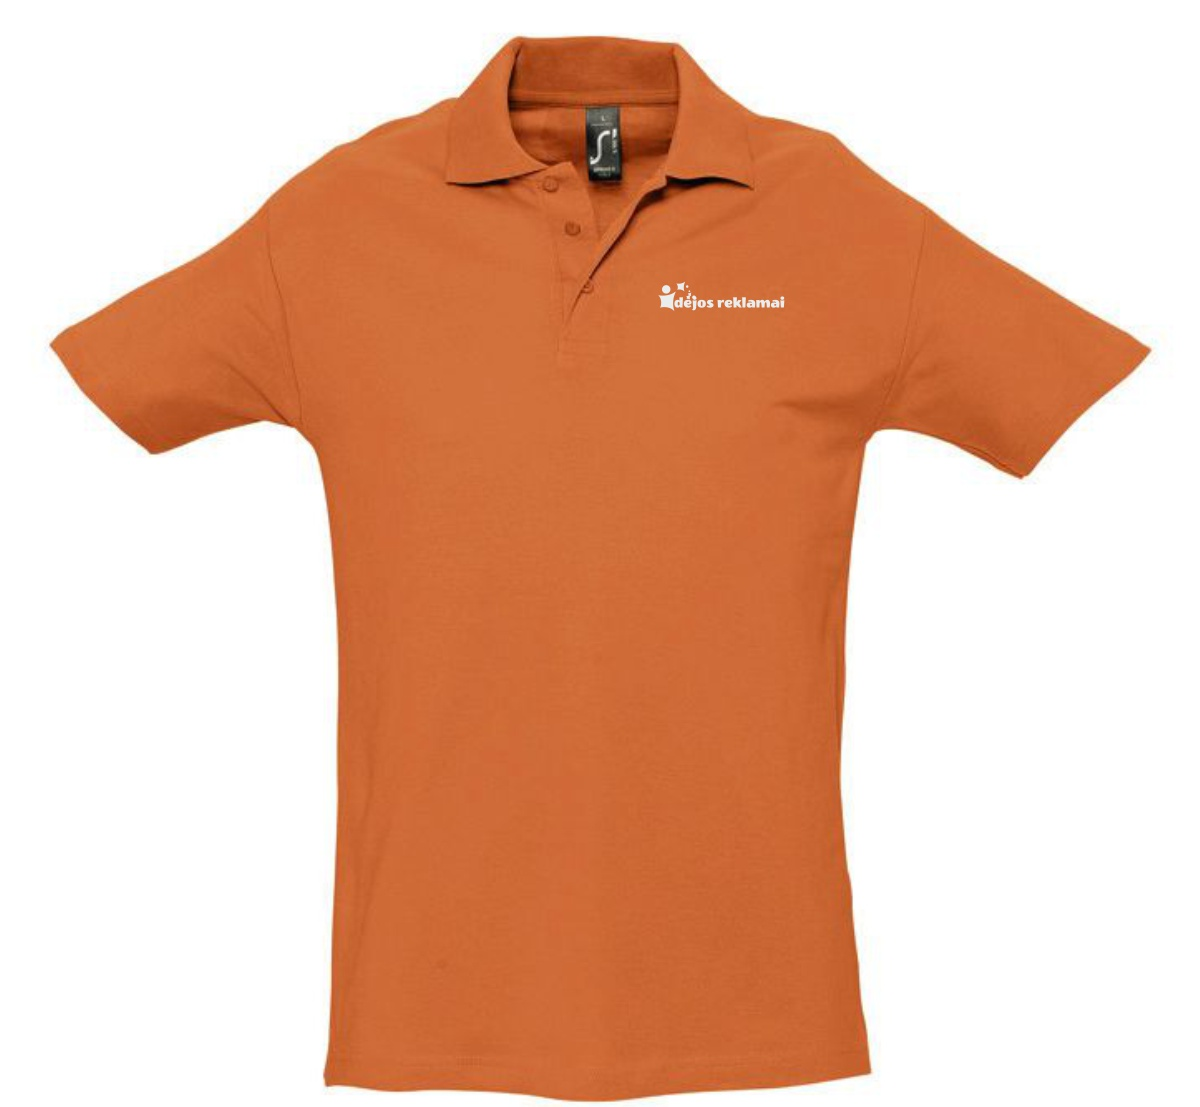 Polo marškinėliai su logotipu